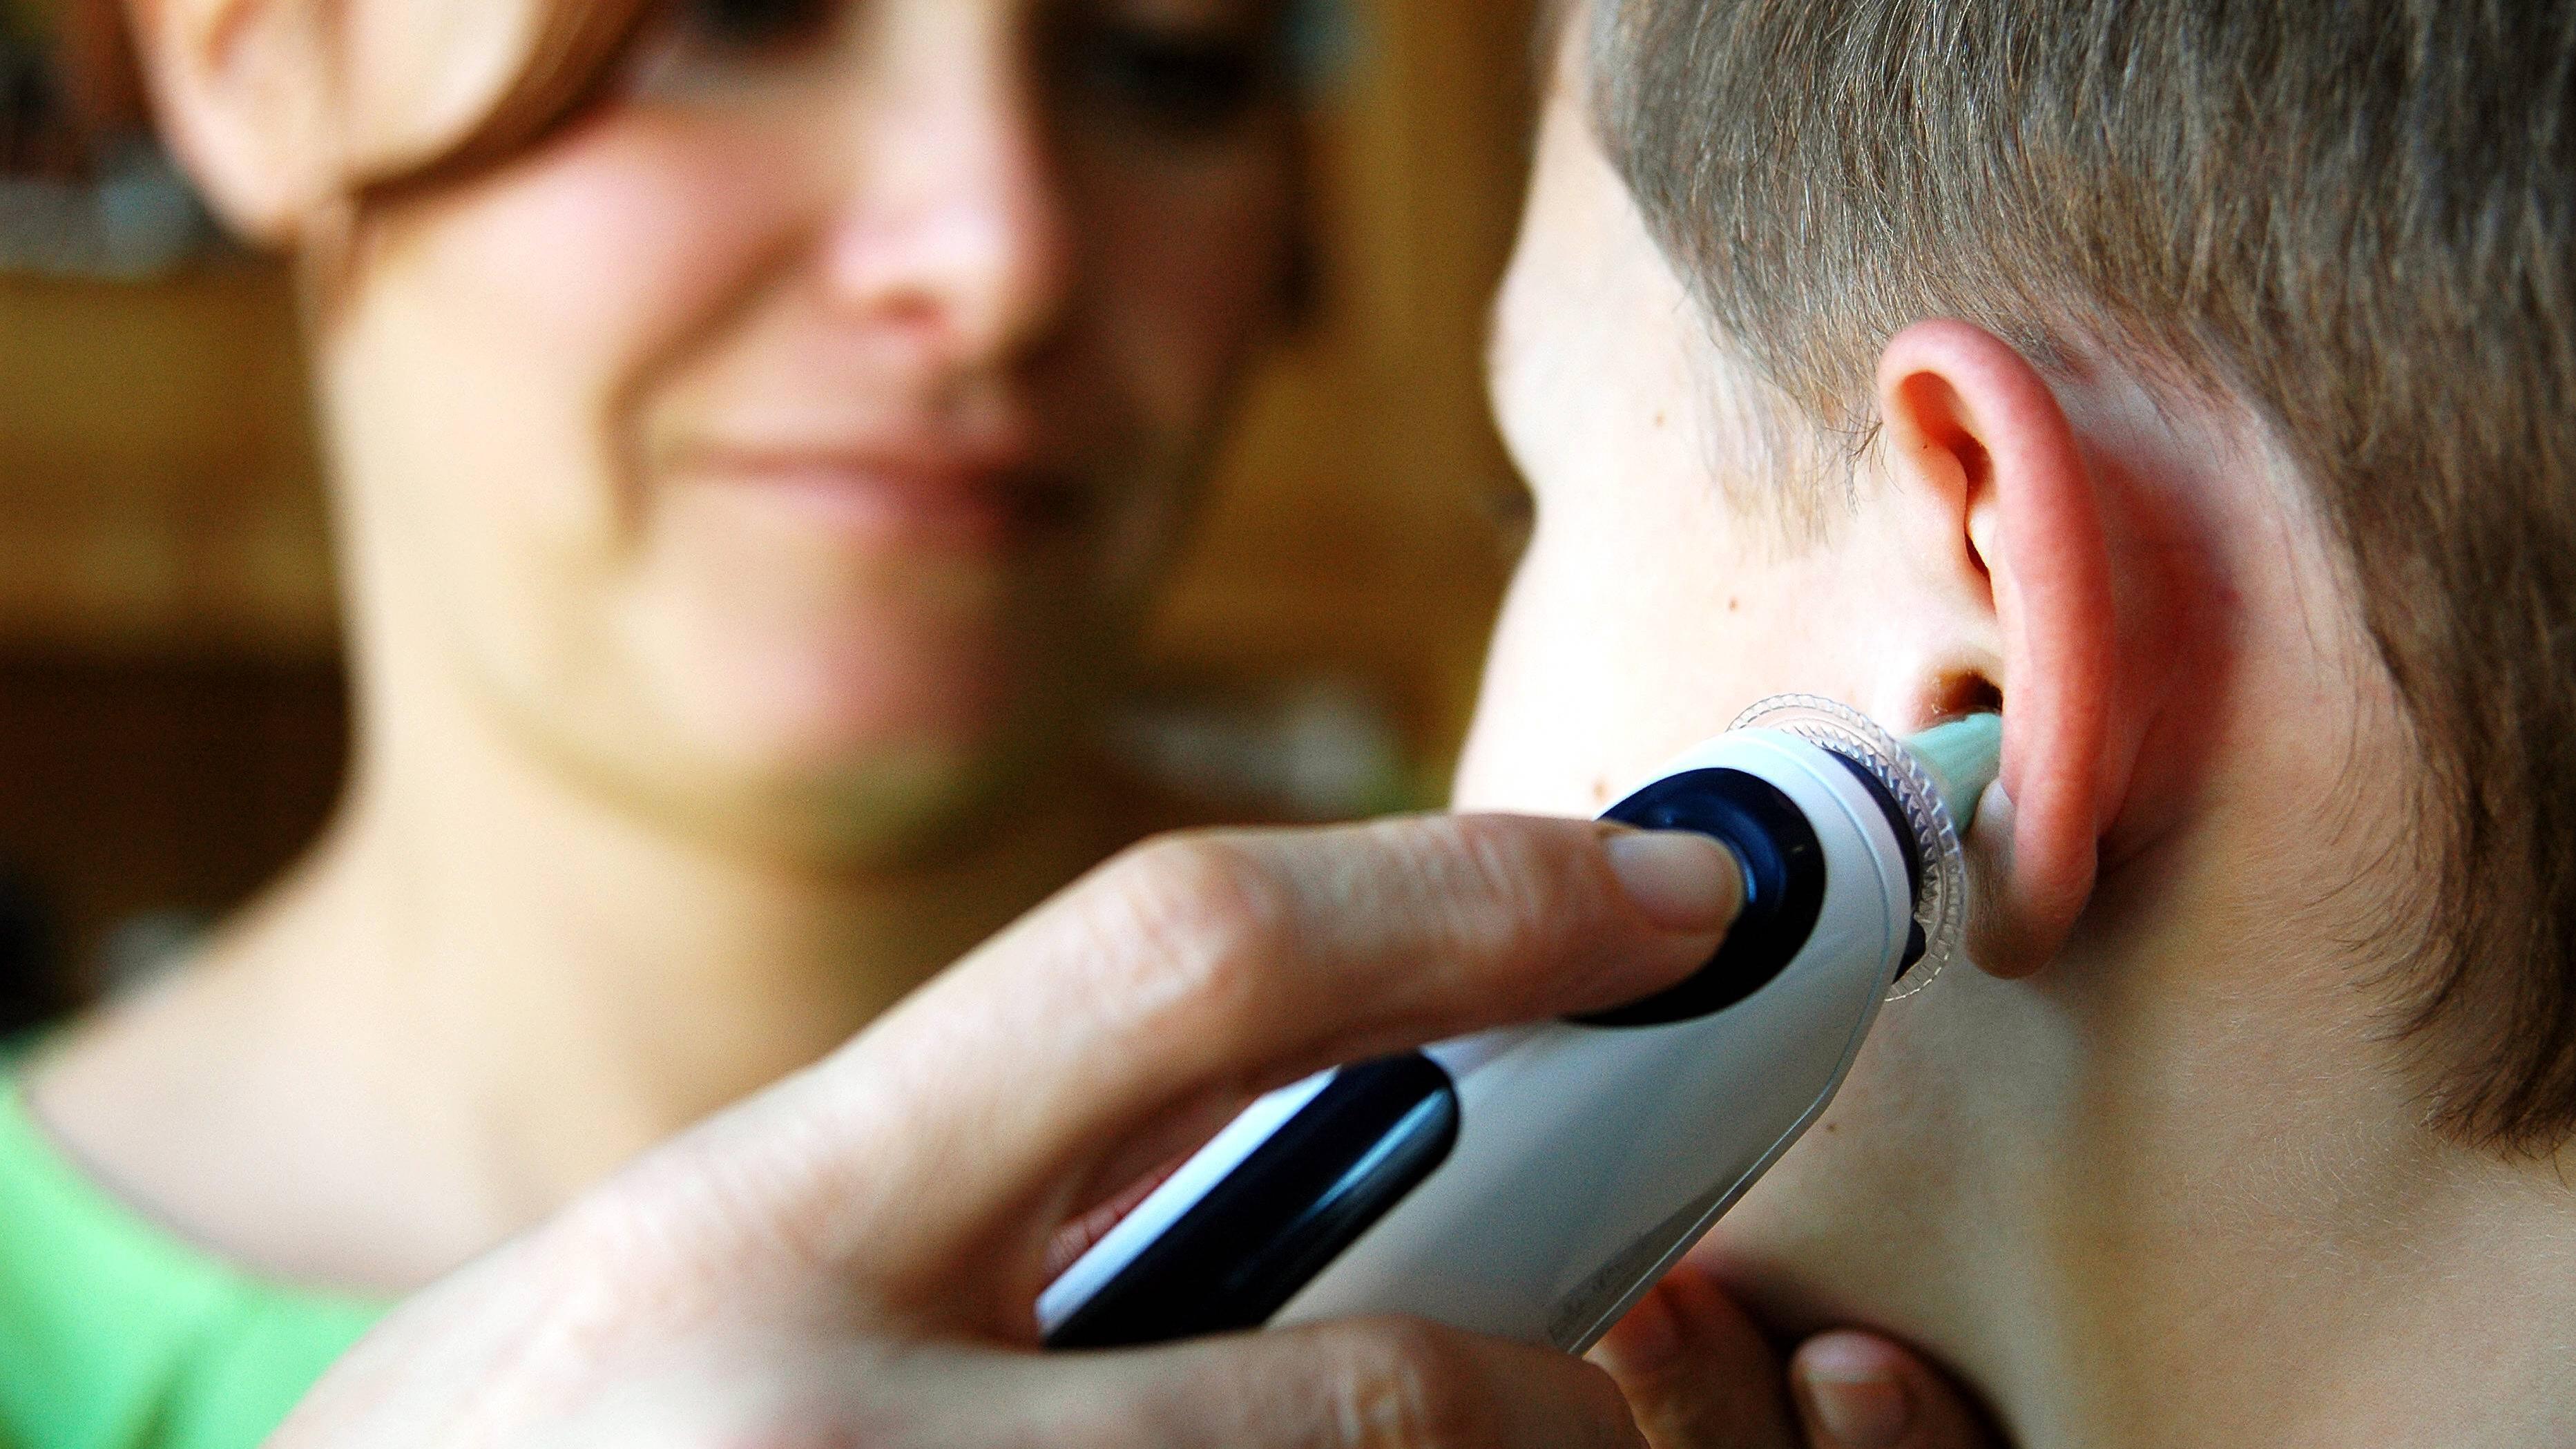 Kind atmet schnell und hat Fieber - Gründe und was Sie tun sollten